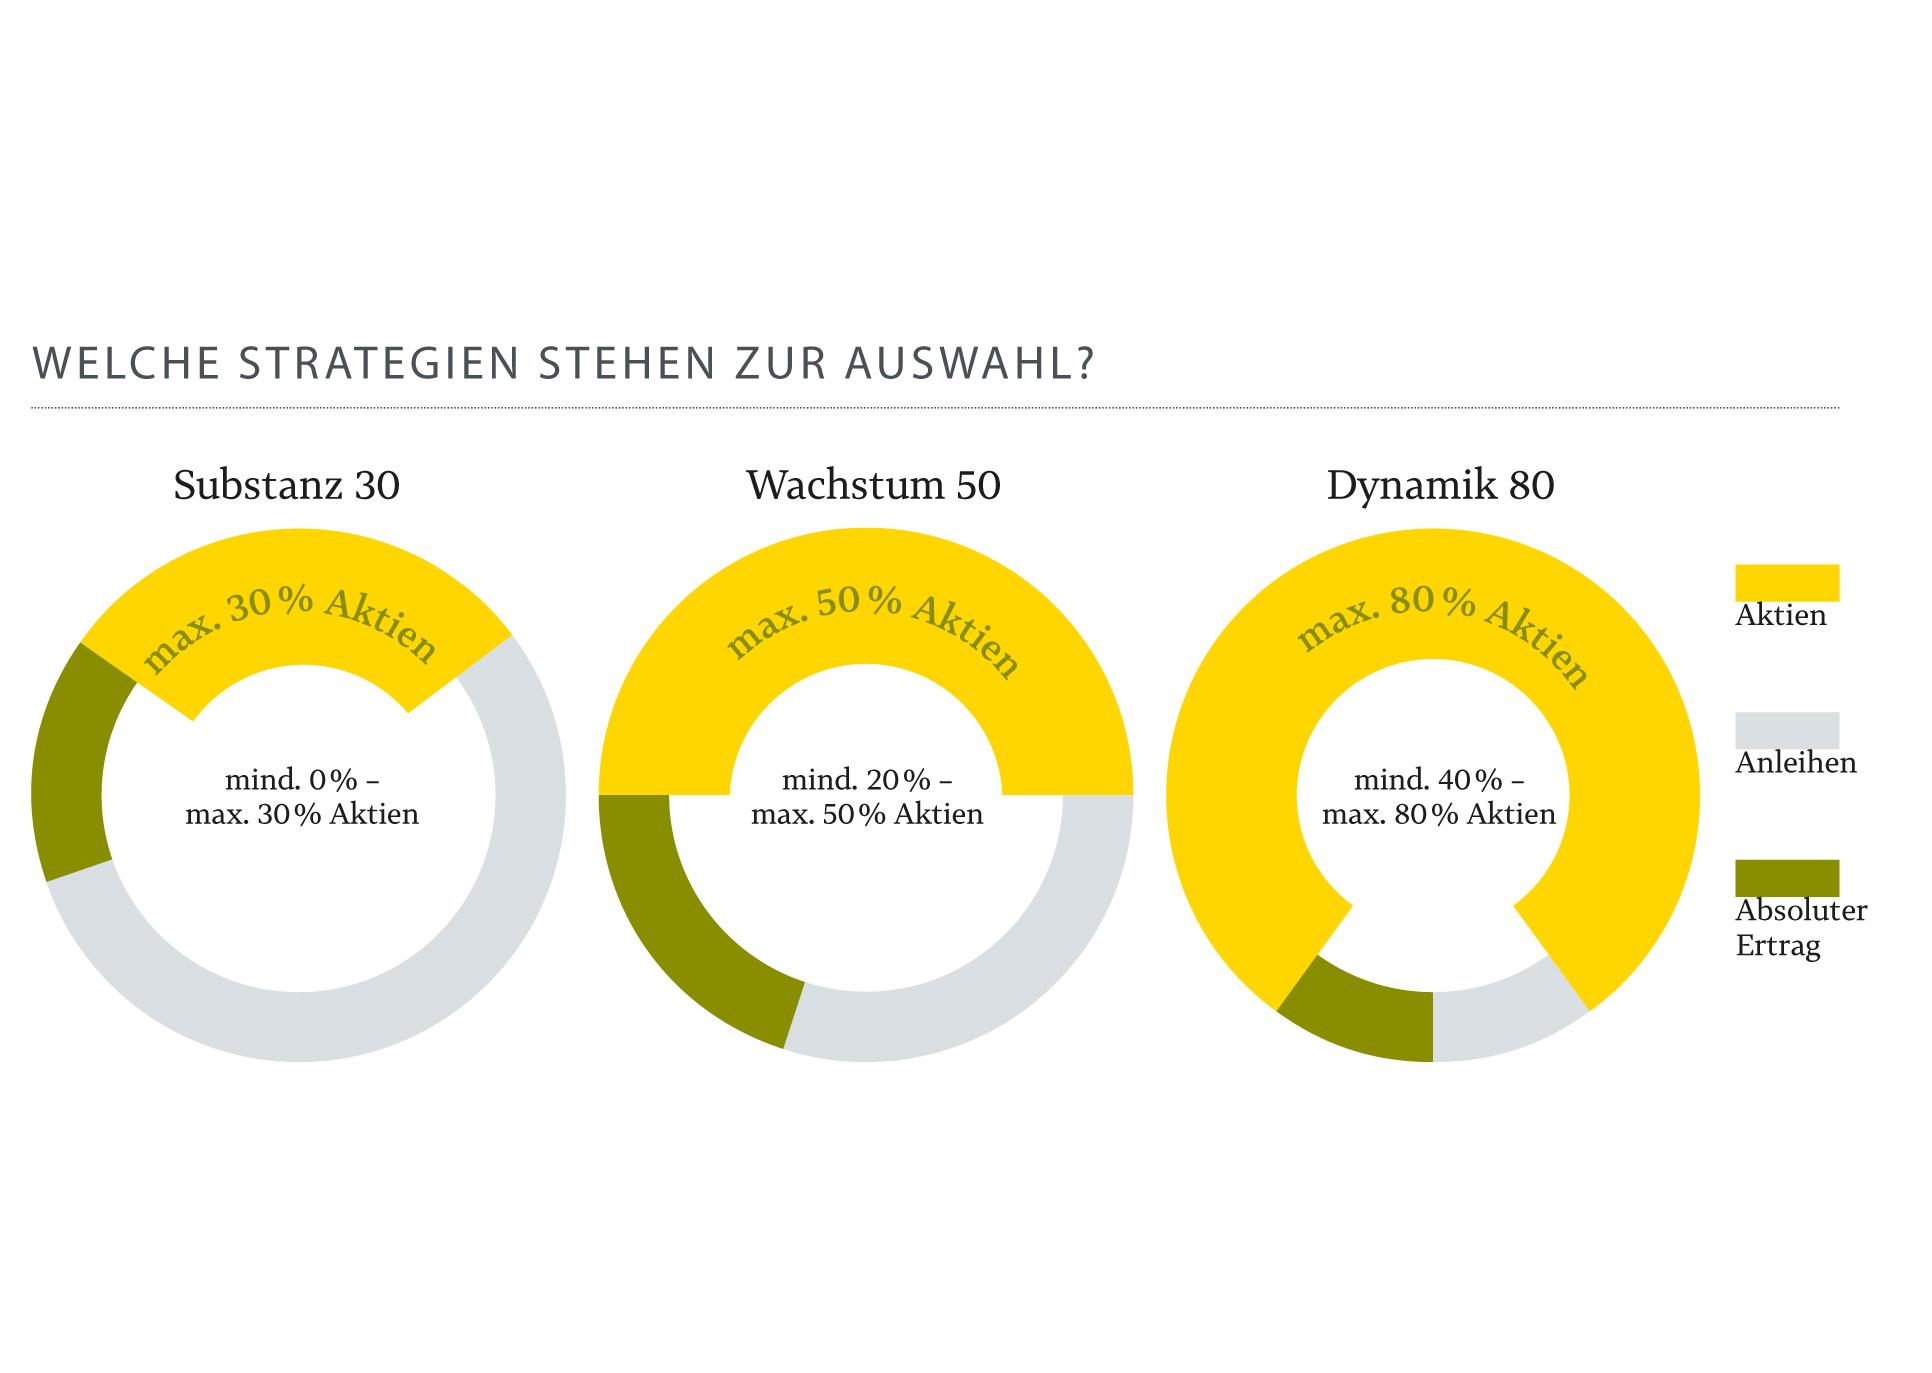 Pax-Vermögens-Konzept - Welche Strategien stehen zur Auswahl?